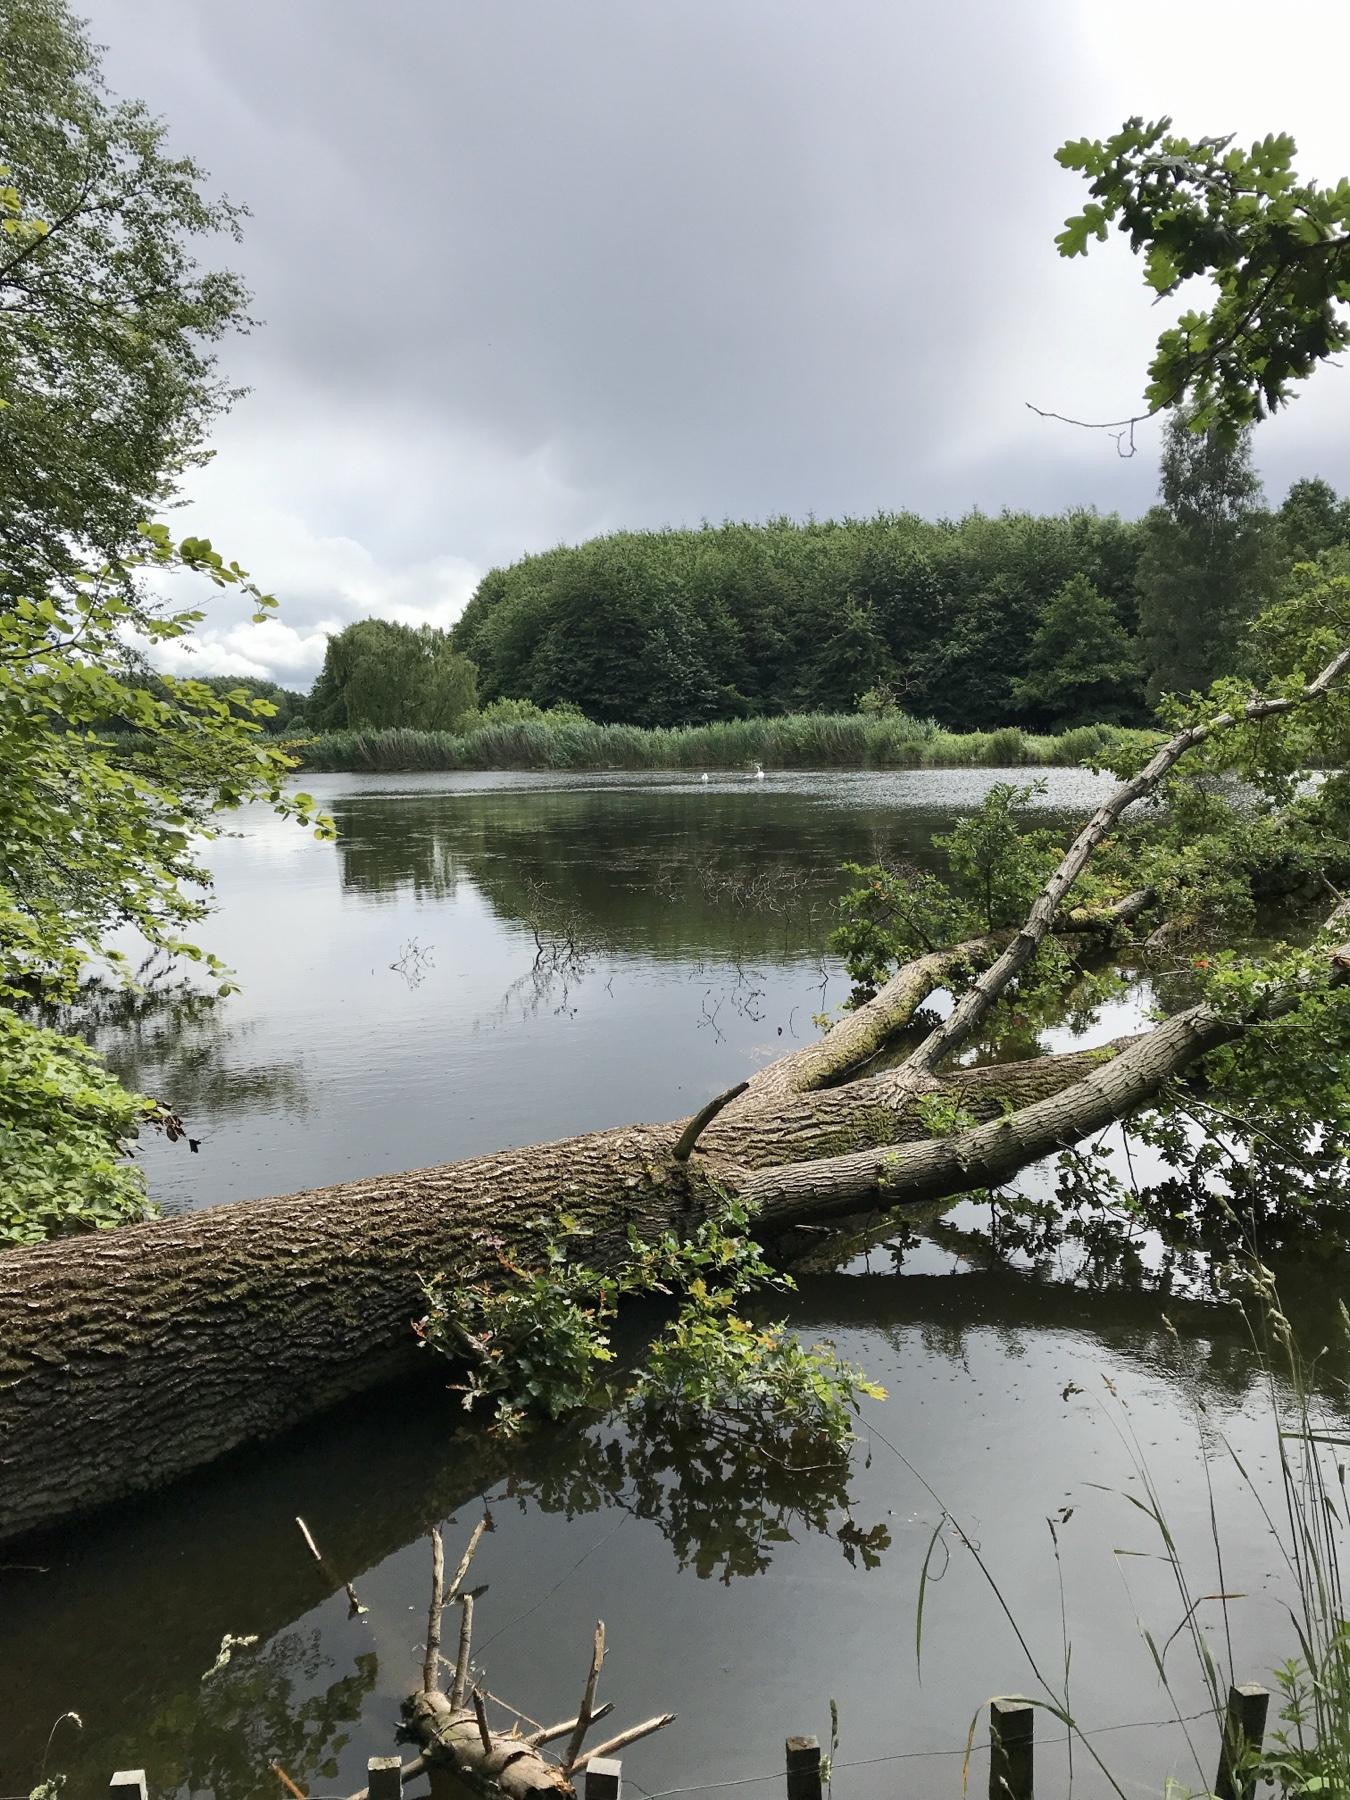 Fischteiche Grabau, Stormarnweg Etappe 4 auf dem Weg nach Nütschau